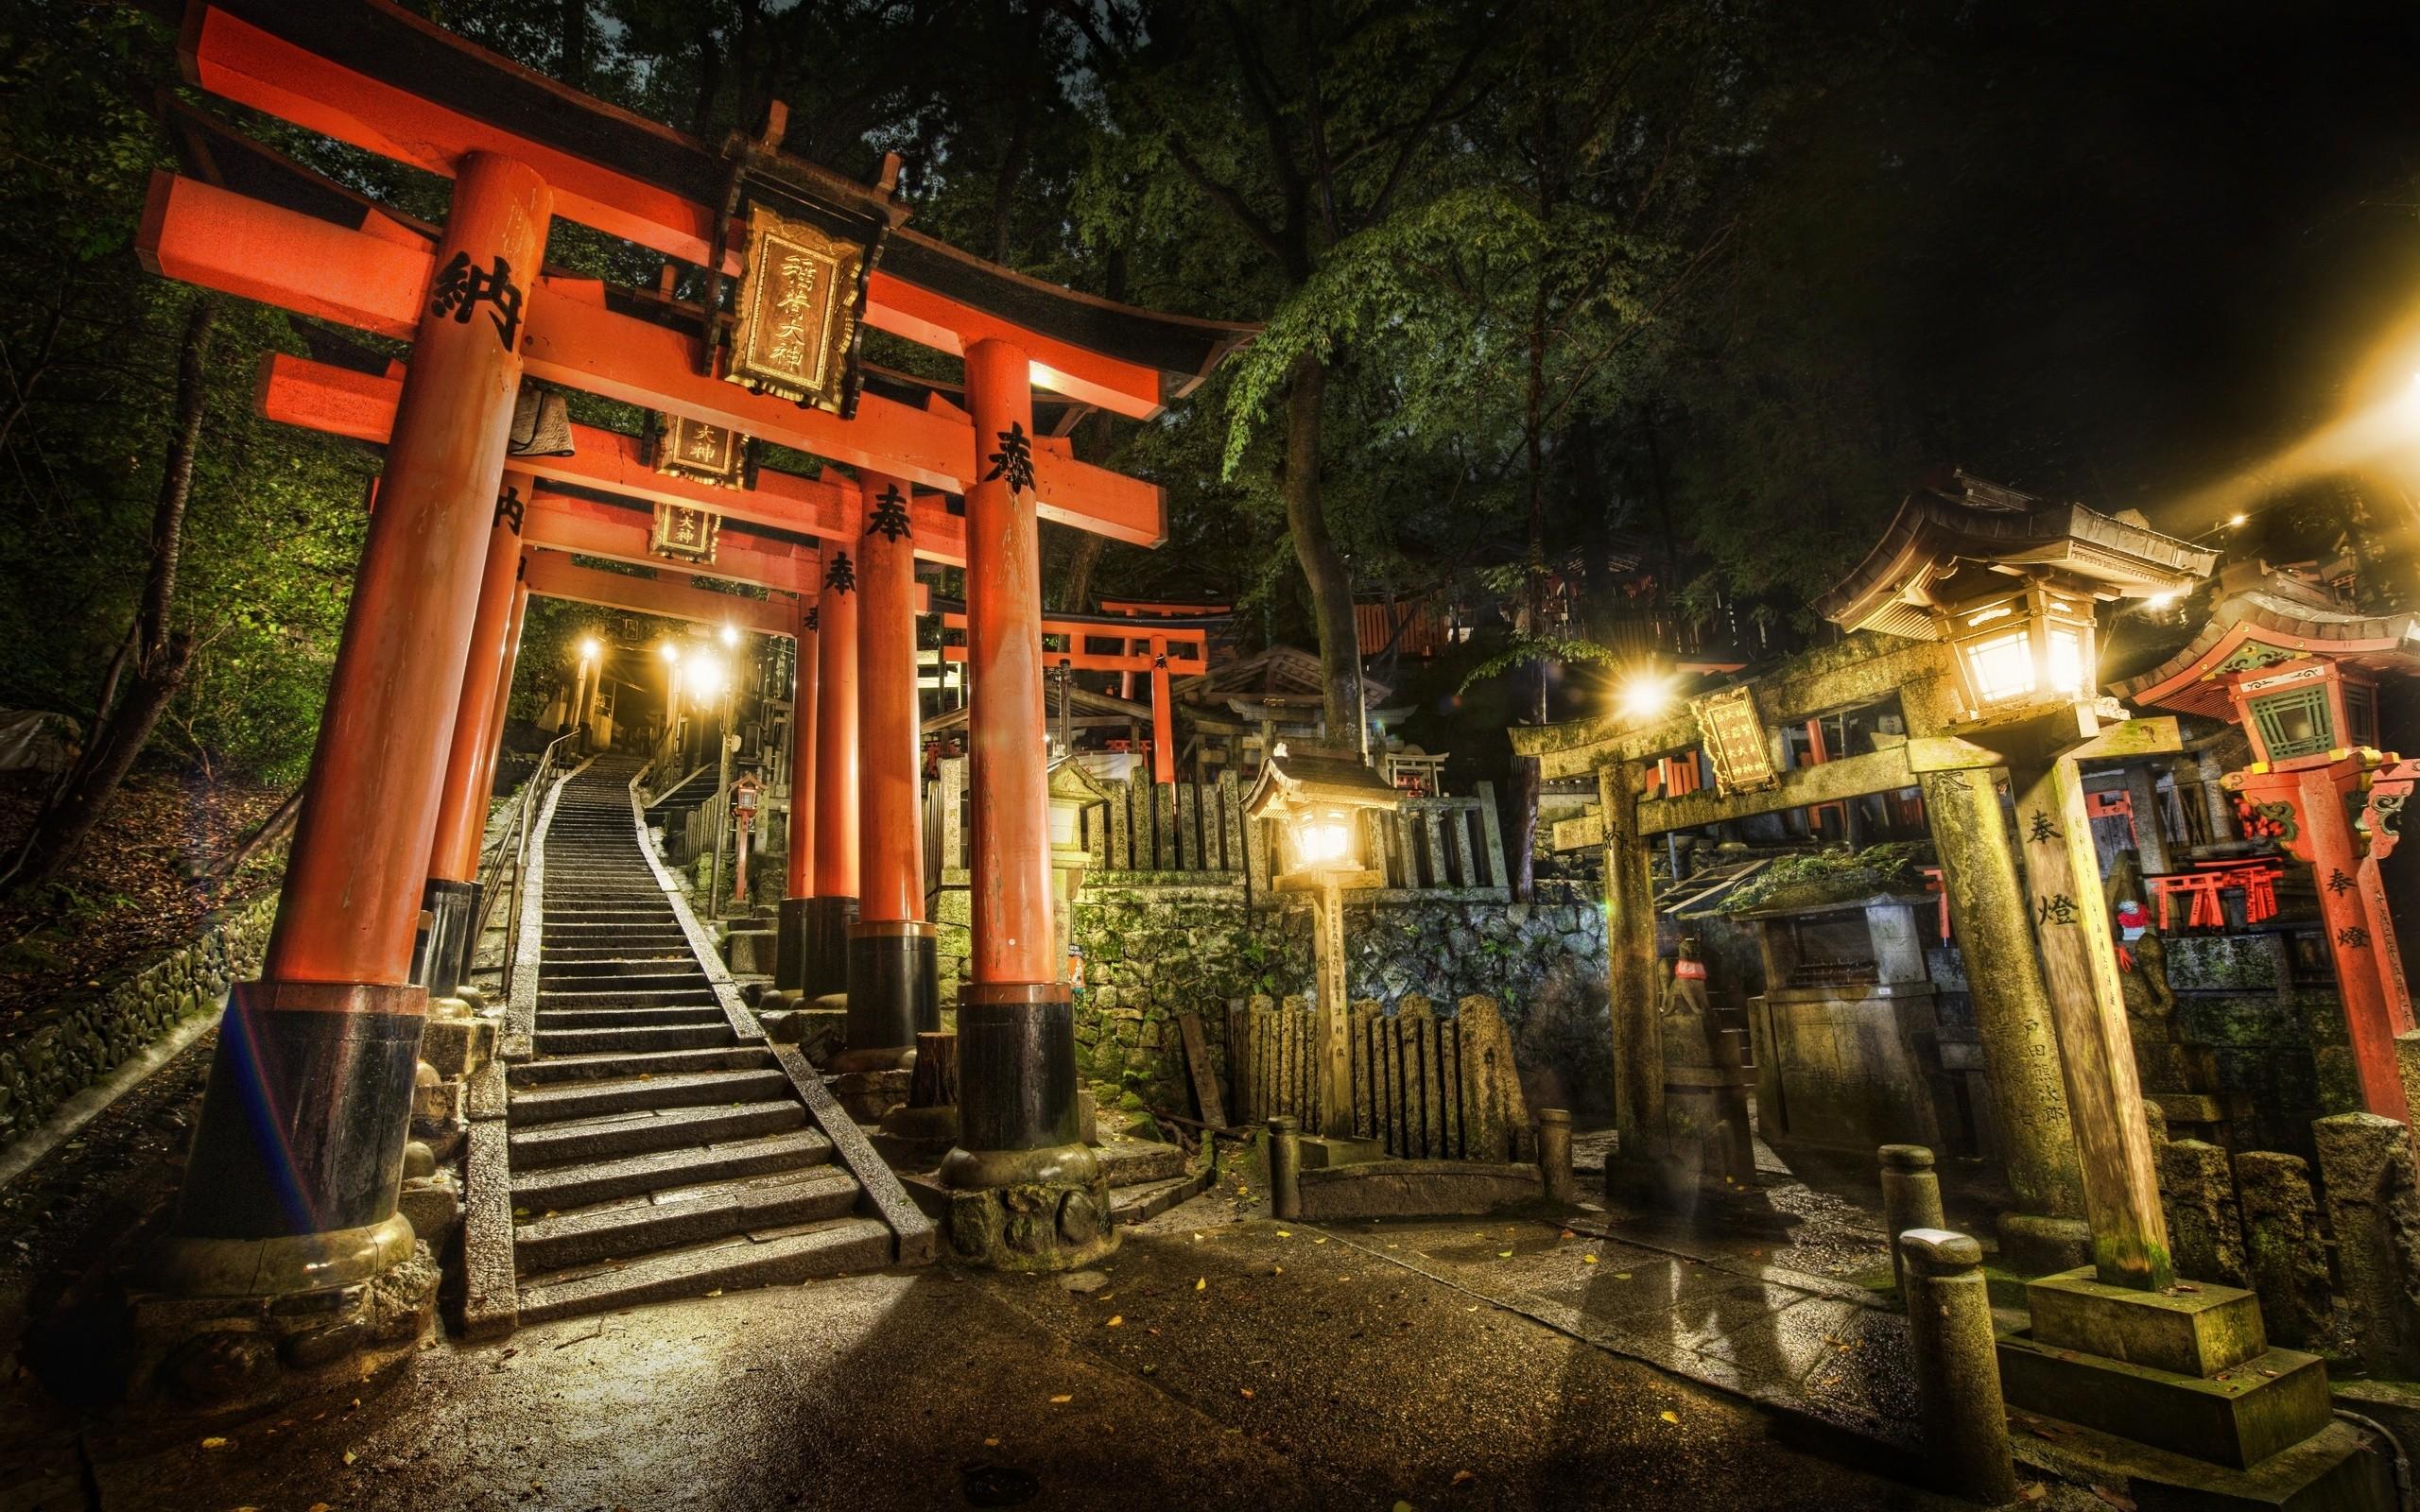 Asian Architecture Pics, Multi Monitor Collection